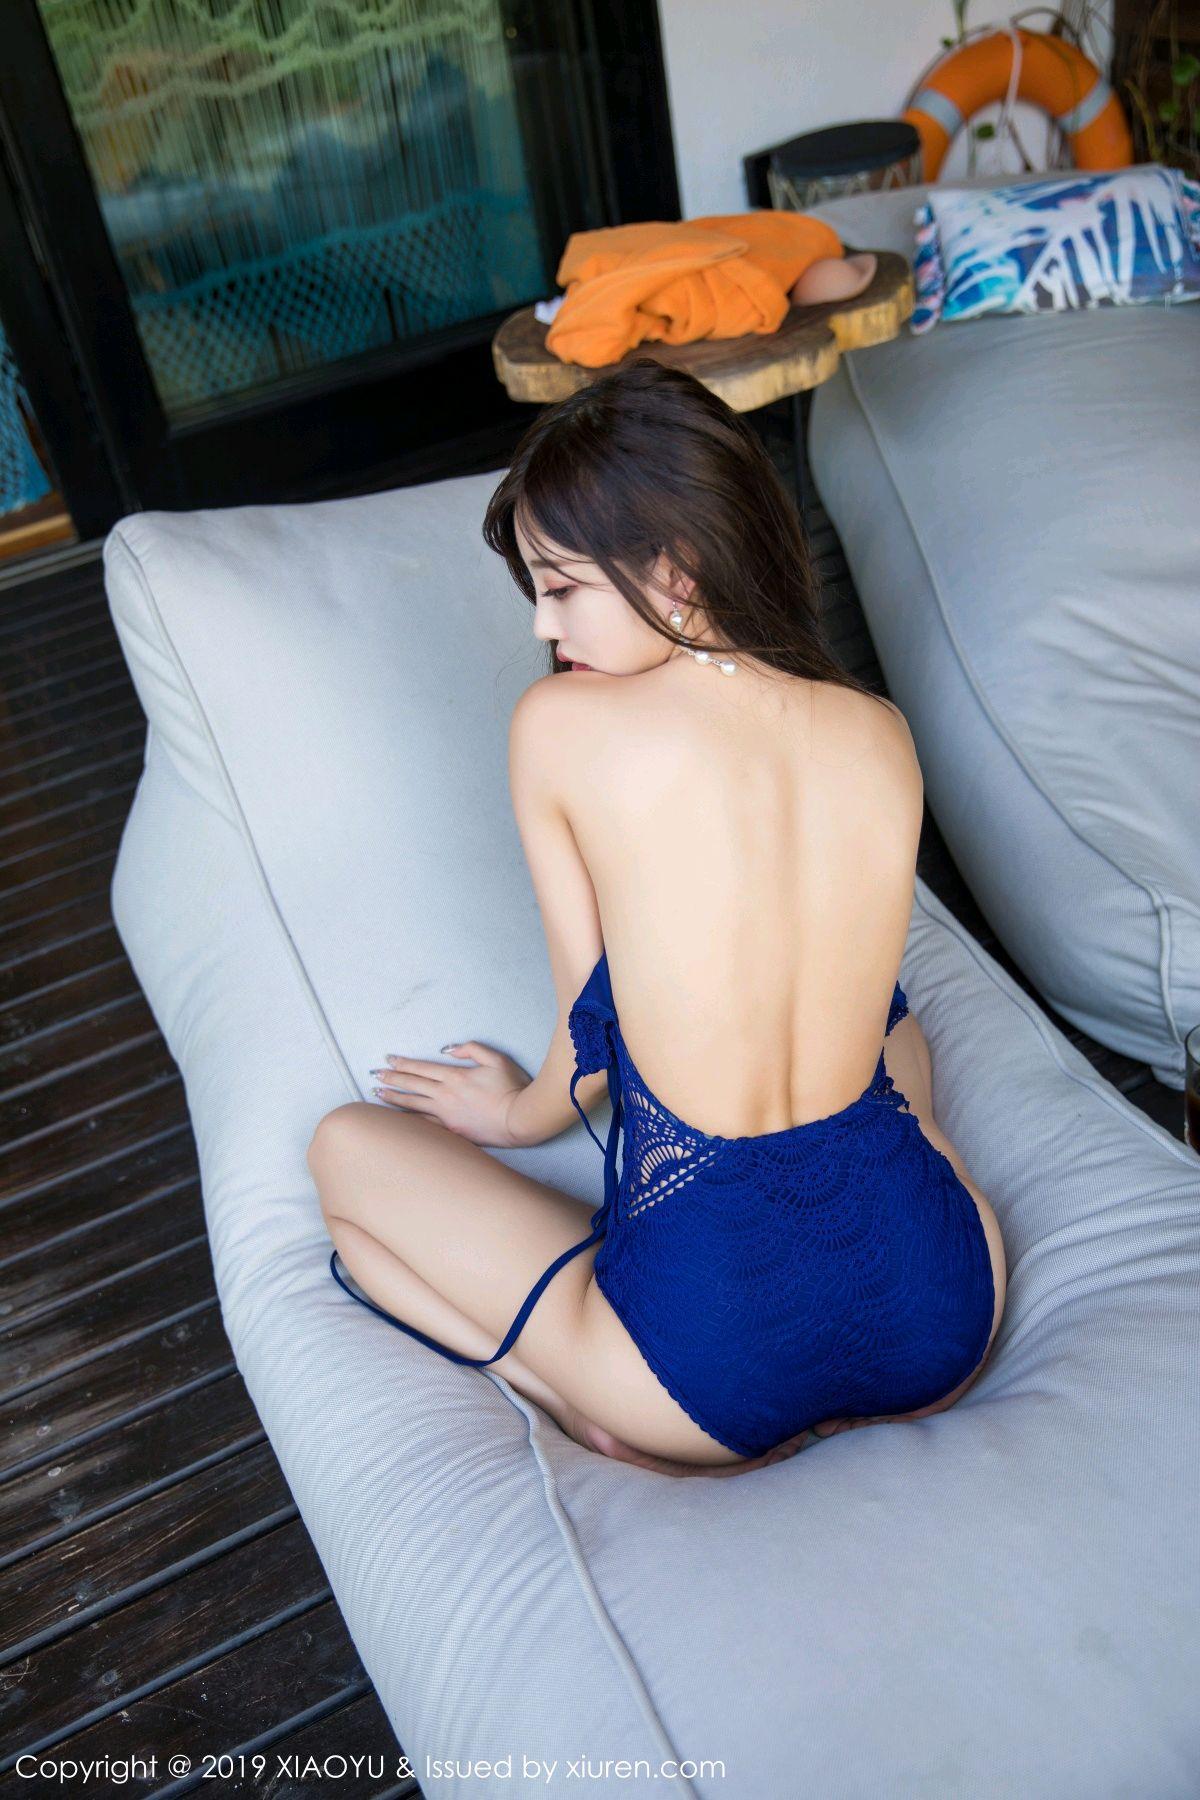 [XiaoYu] Vol.099 Yang Chen Chen 3P, Underwear, XiaoYu, Yang Chen Chen